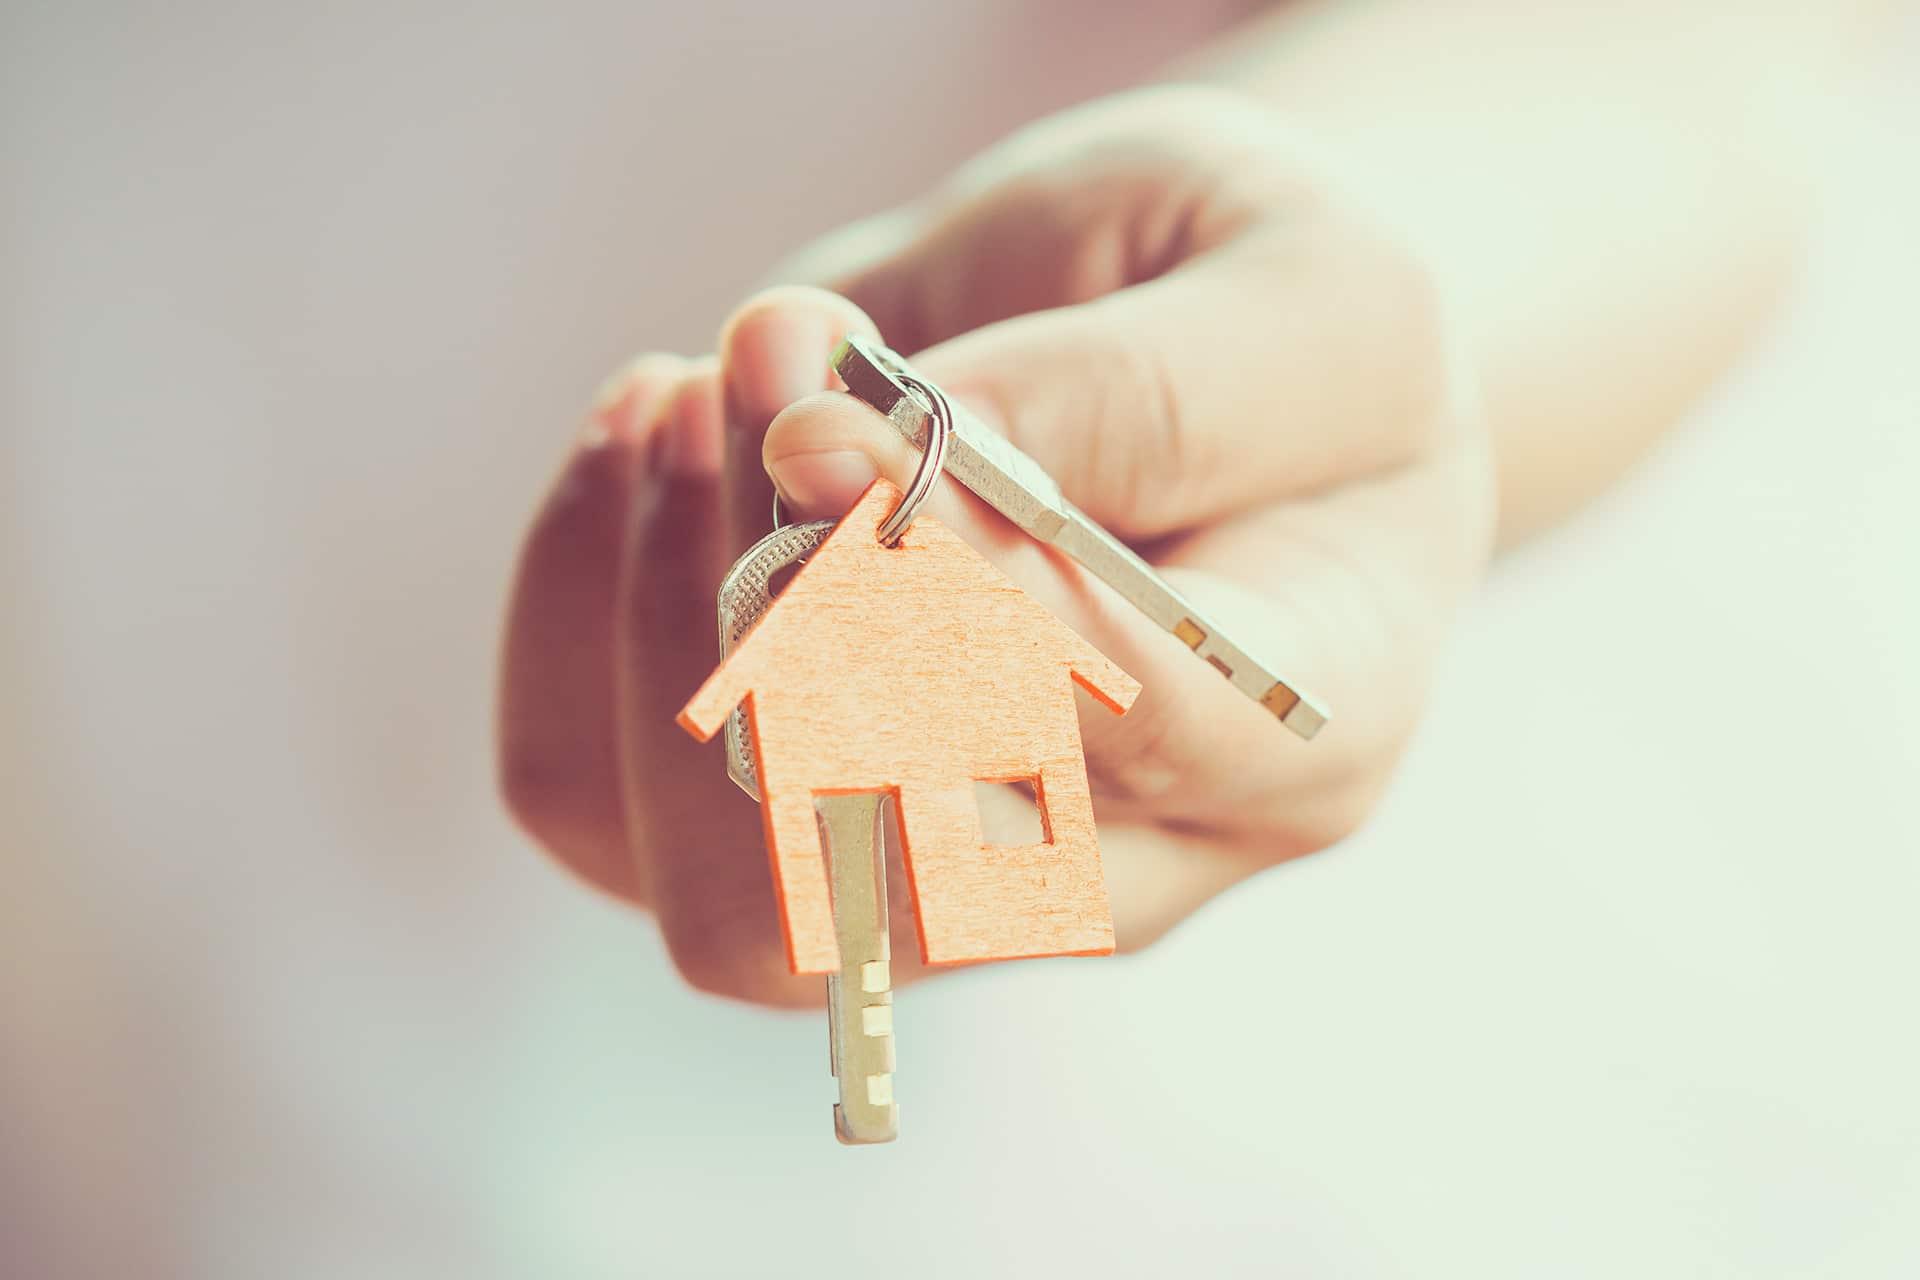 Cómo se calcula el valor catastral de una vivienda